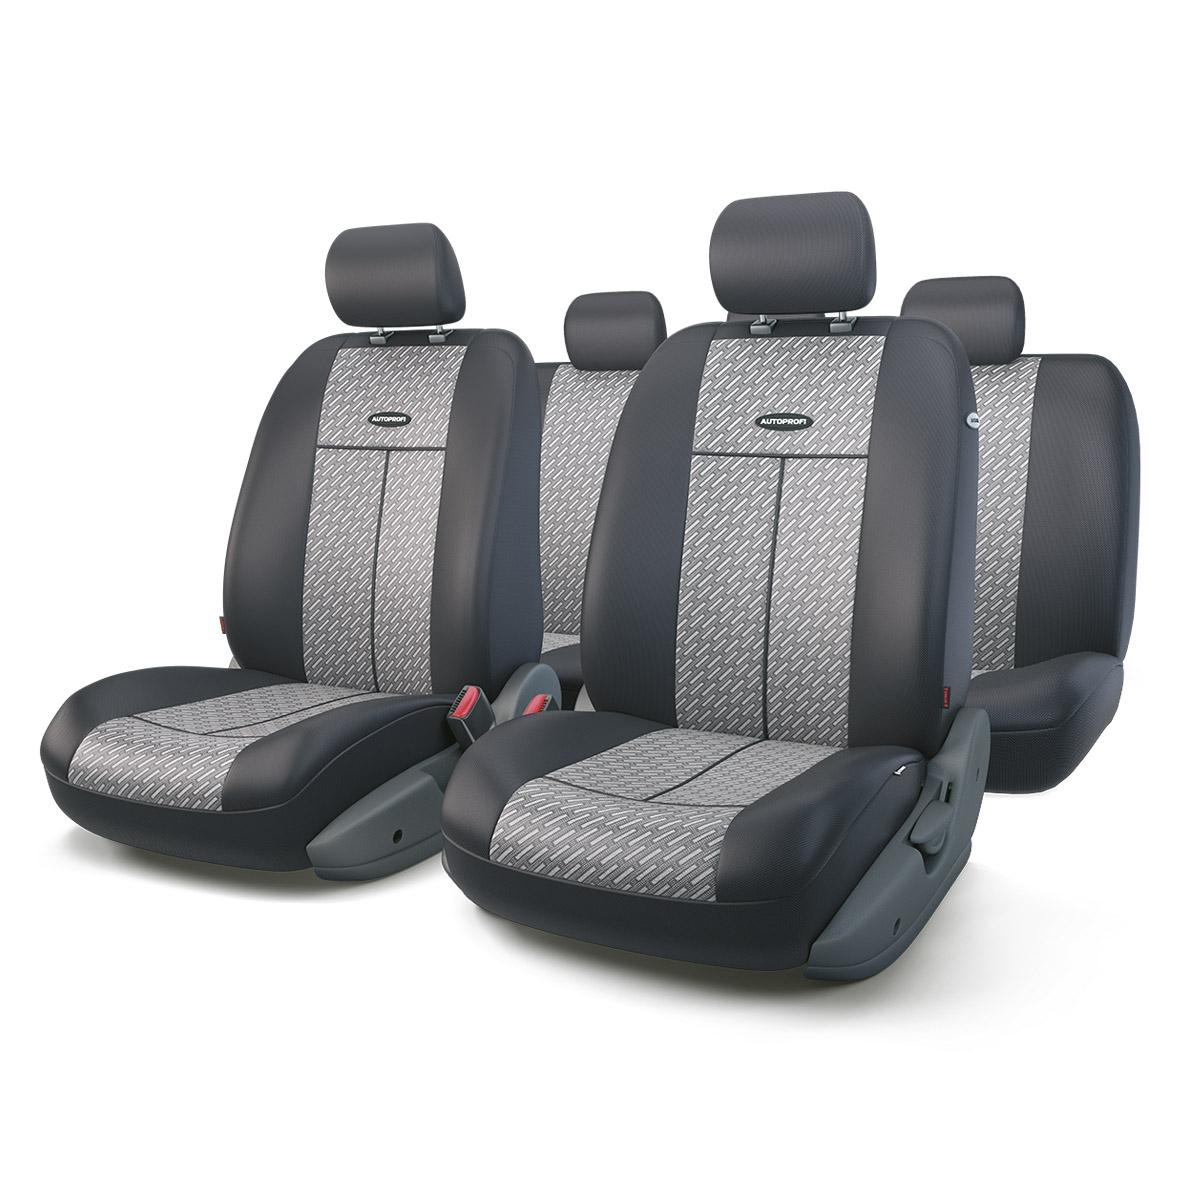 Чехол на сиденье Autoprofi Tt-902j steel чехлы на сиденья autoprofi автомобильные чехлы tt tt 902m bk bl